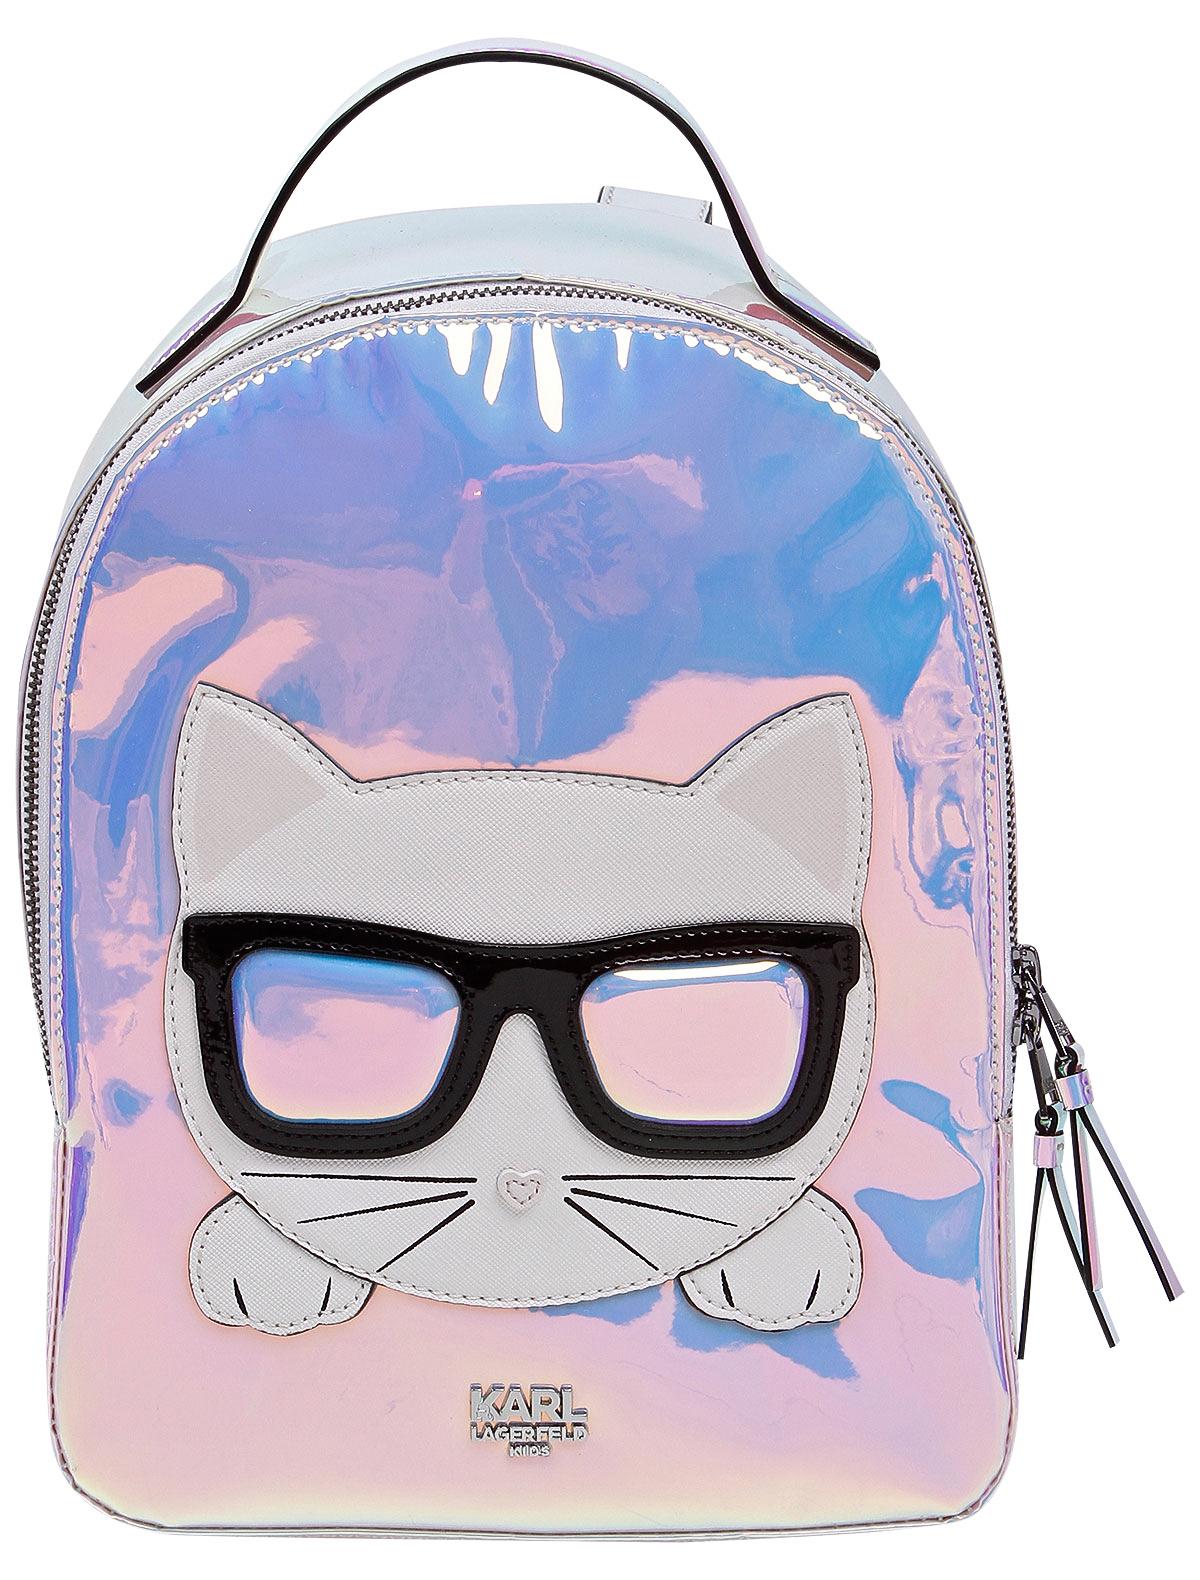 Рюкзак KARL LAGERFELD 2311217 розового цвета